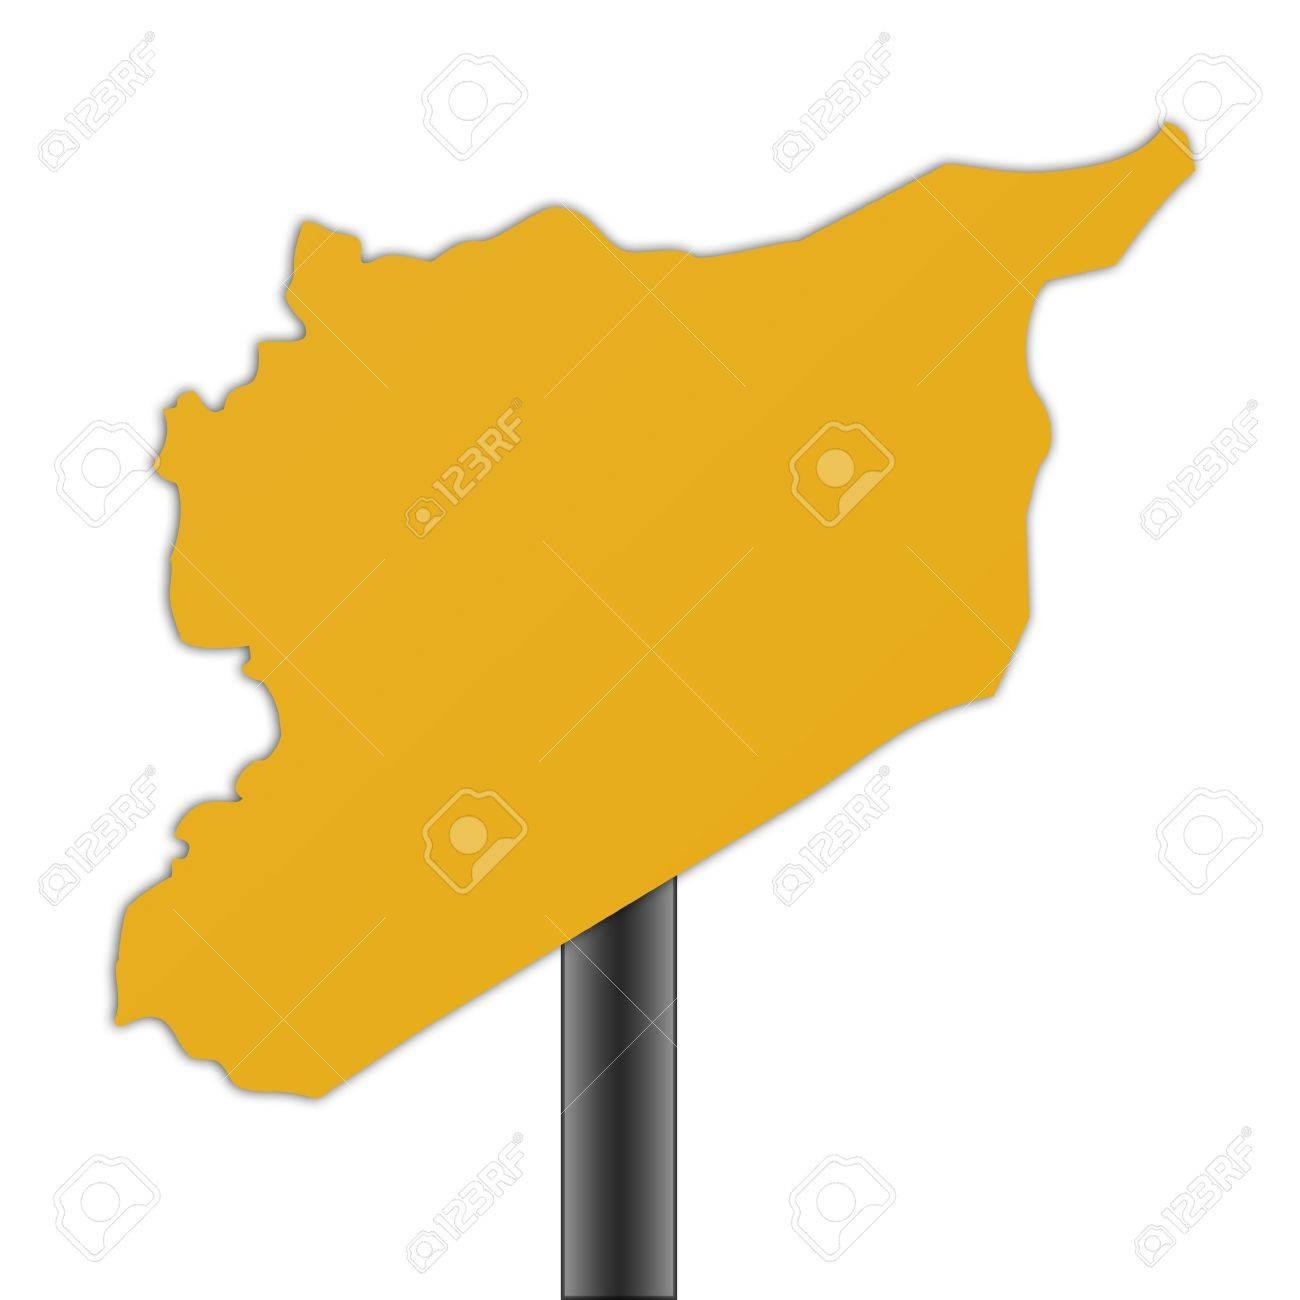 Syrien Karte.Stock Photo